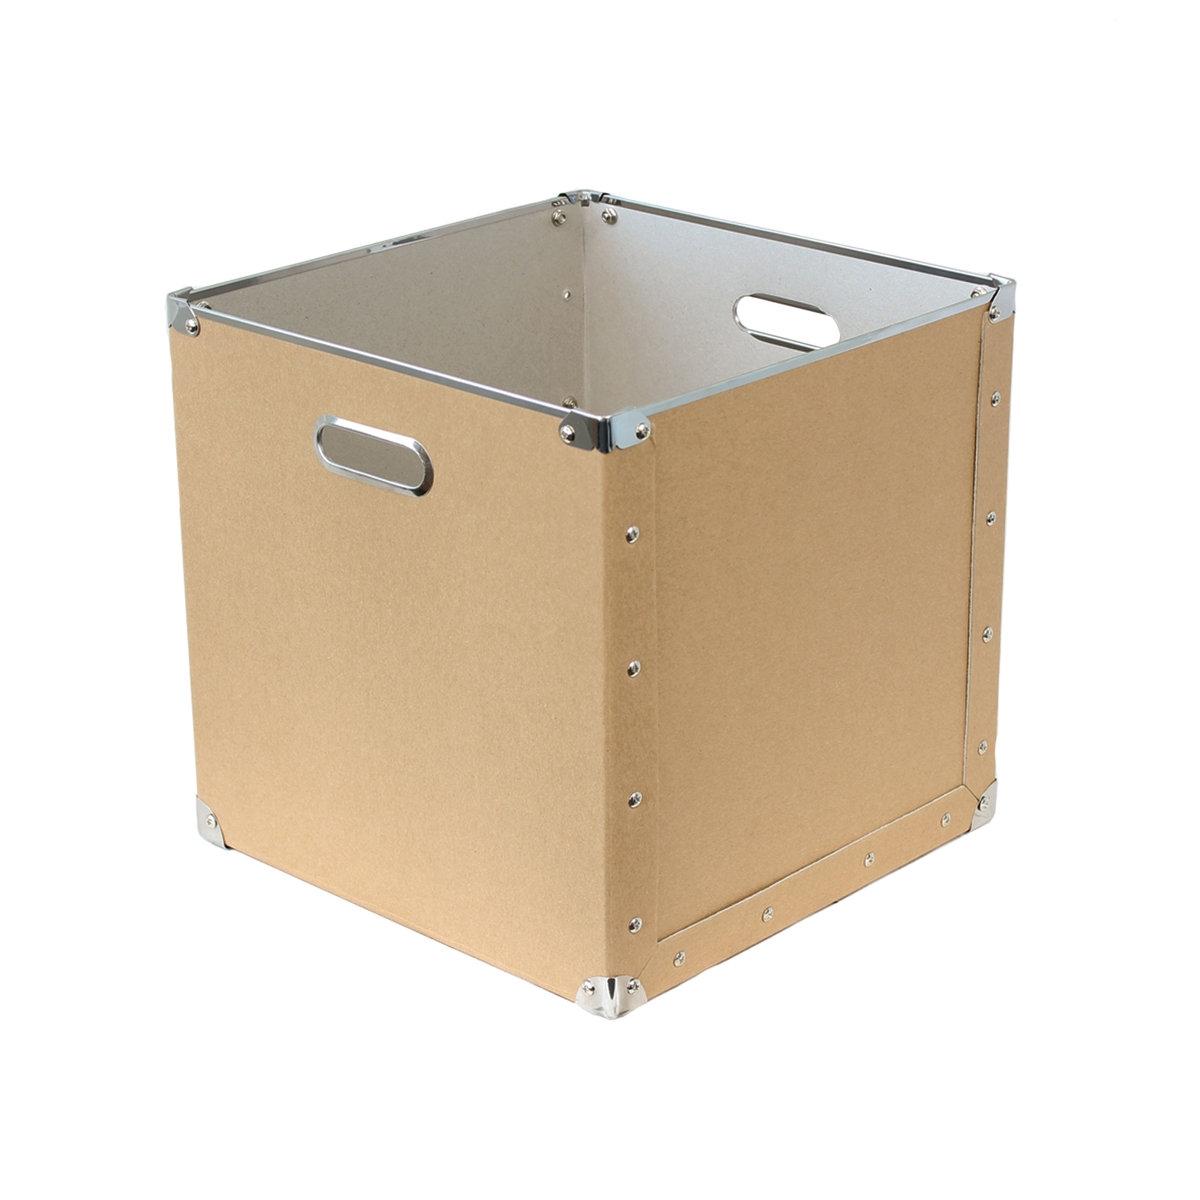 Короб для хранения вещей CleverПрактичный, вы можете положить в него 1001 вещь ! Этот короб для хранения вещей снабжен 2 металлическими ручками для облегчения переноски . Заклепки и металлические уголки… в индустриальном стиле, On adore  ! Характеристики короба для вещей CleverОбтянутый картон, толщ.. 1,8 мм 2 металлические ручки Уголки и заклепки из металла  Складная конструкция.Найдите коллекцию для хранения вещей на нашем сайте.Размеры короба для вещей Clever:31,5 x 31,5 x 31,5 см<br><br>Цвет: светлое дерево натуральный<br>Размер: единый размер